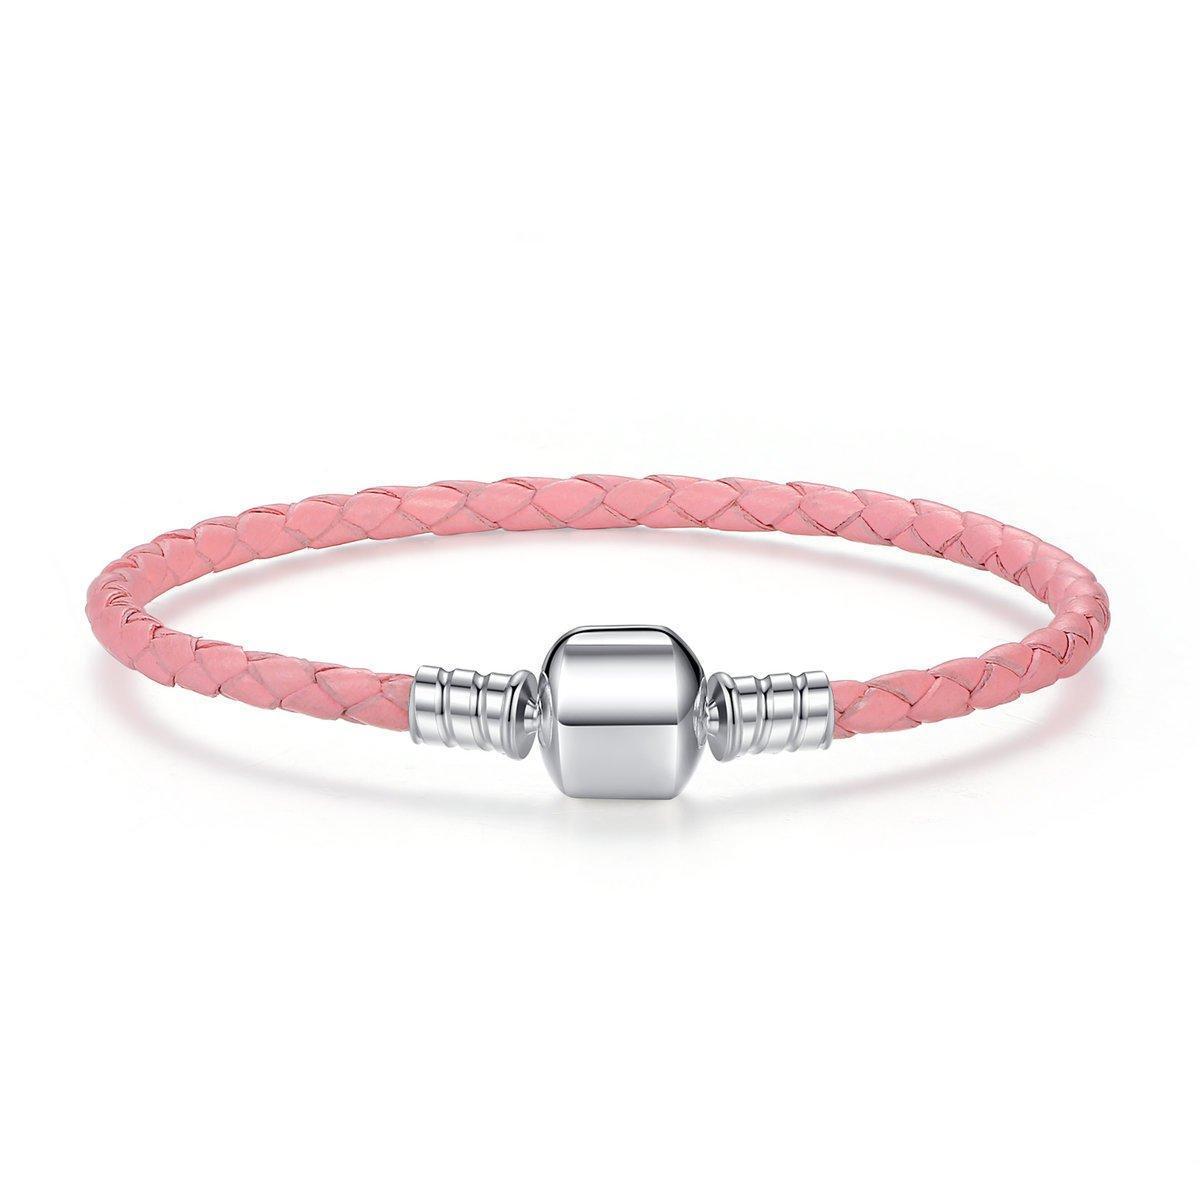 Кожаный браслет основа Pandora Style (стиль Пандора) розовый - 20см 17 см